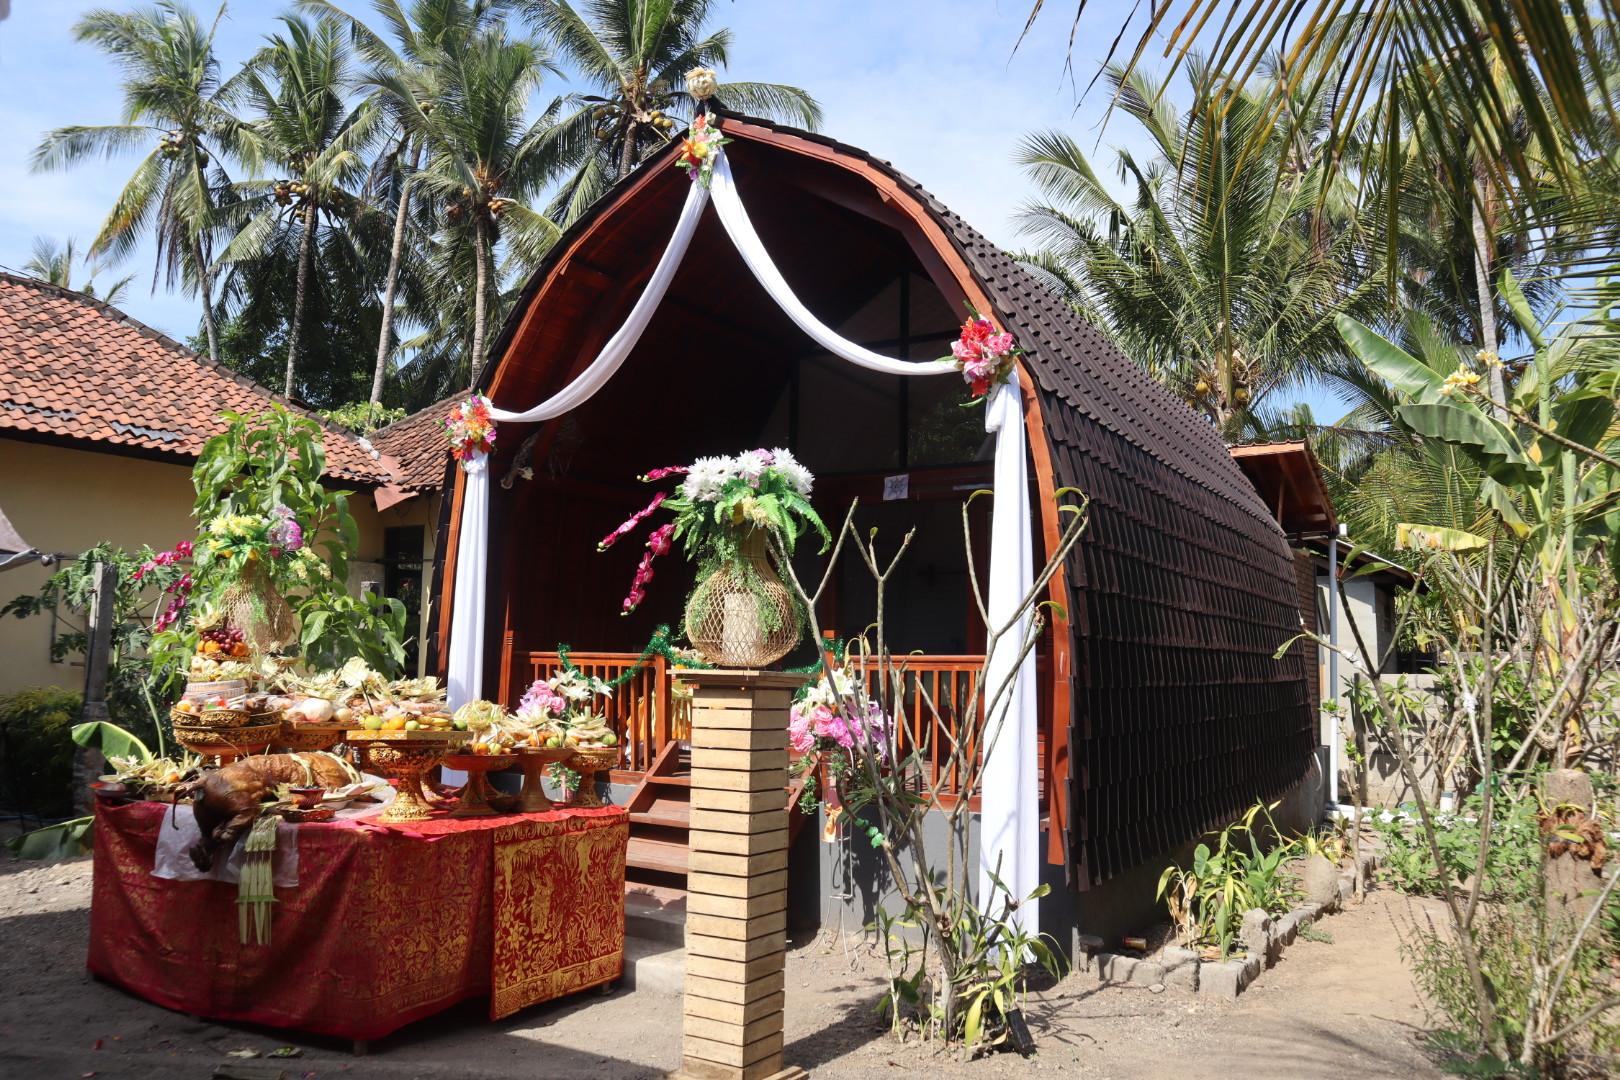 BALIISMのコテージがバリ島に完成しました!